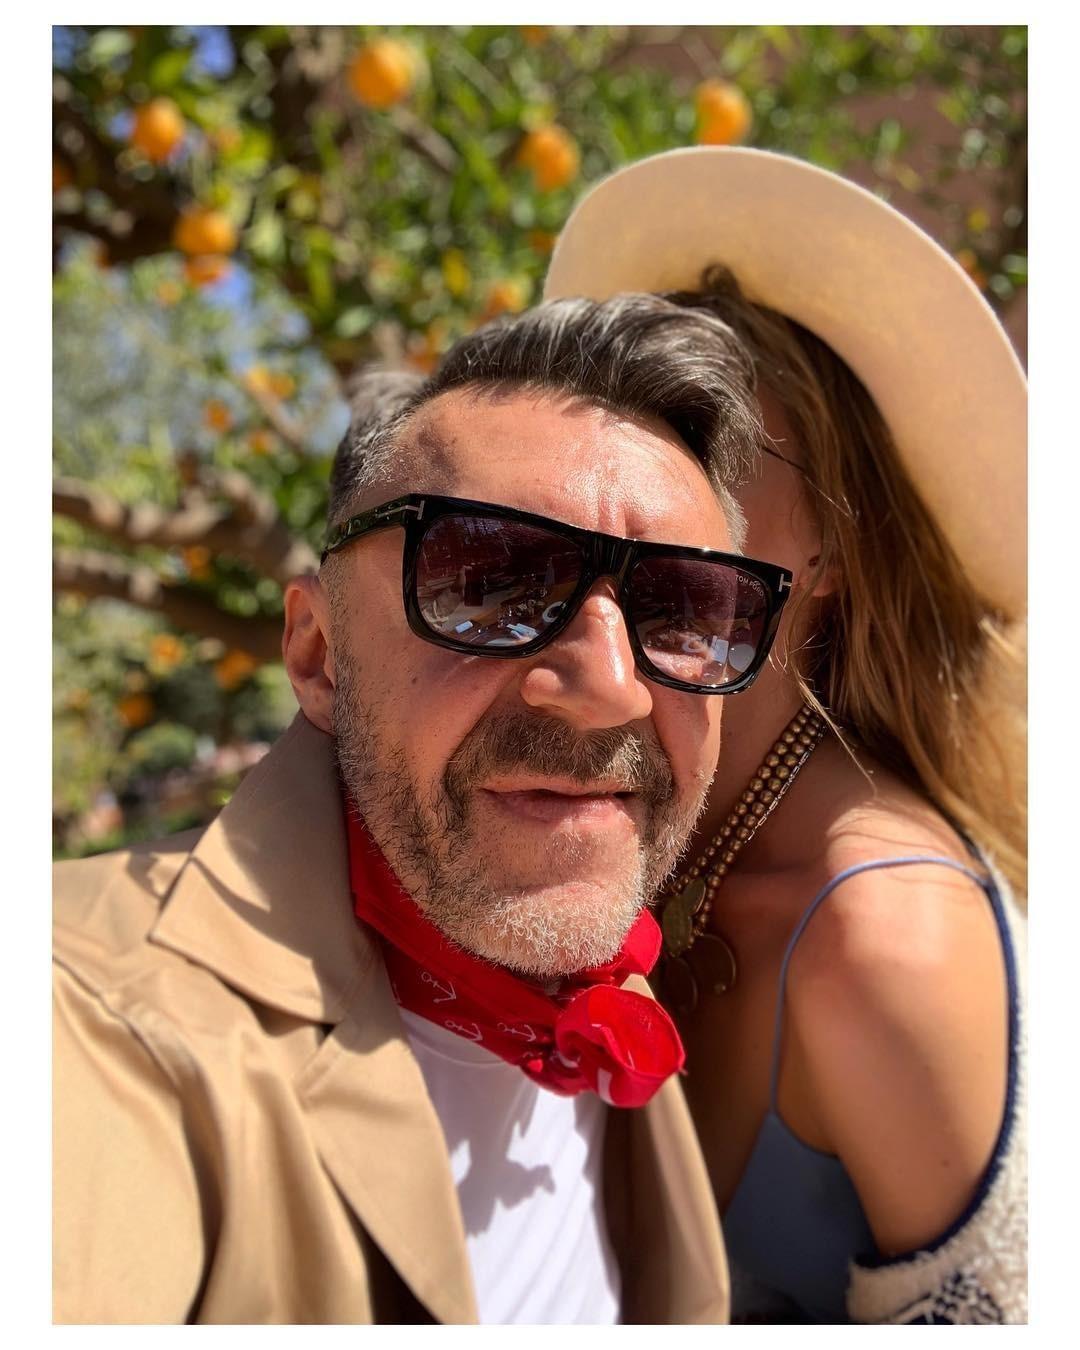 По мнению Марианны Абравитовой, впереди Сергея Шнурова ждет интересная, насыщенная событиями жизнь - это касается и любовного фронта. Музыкант по карме и по судьбе должен и будет иметь бо...